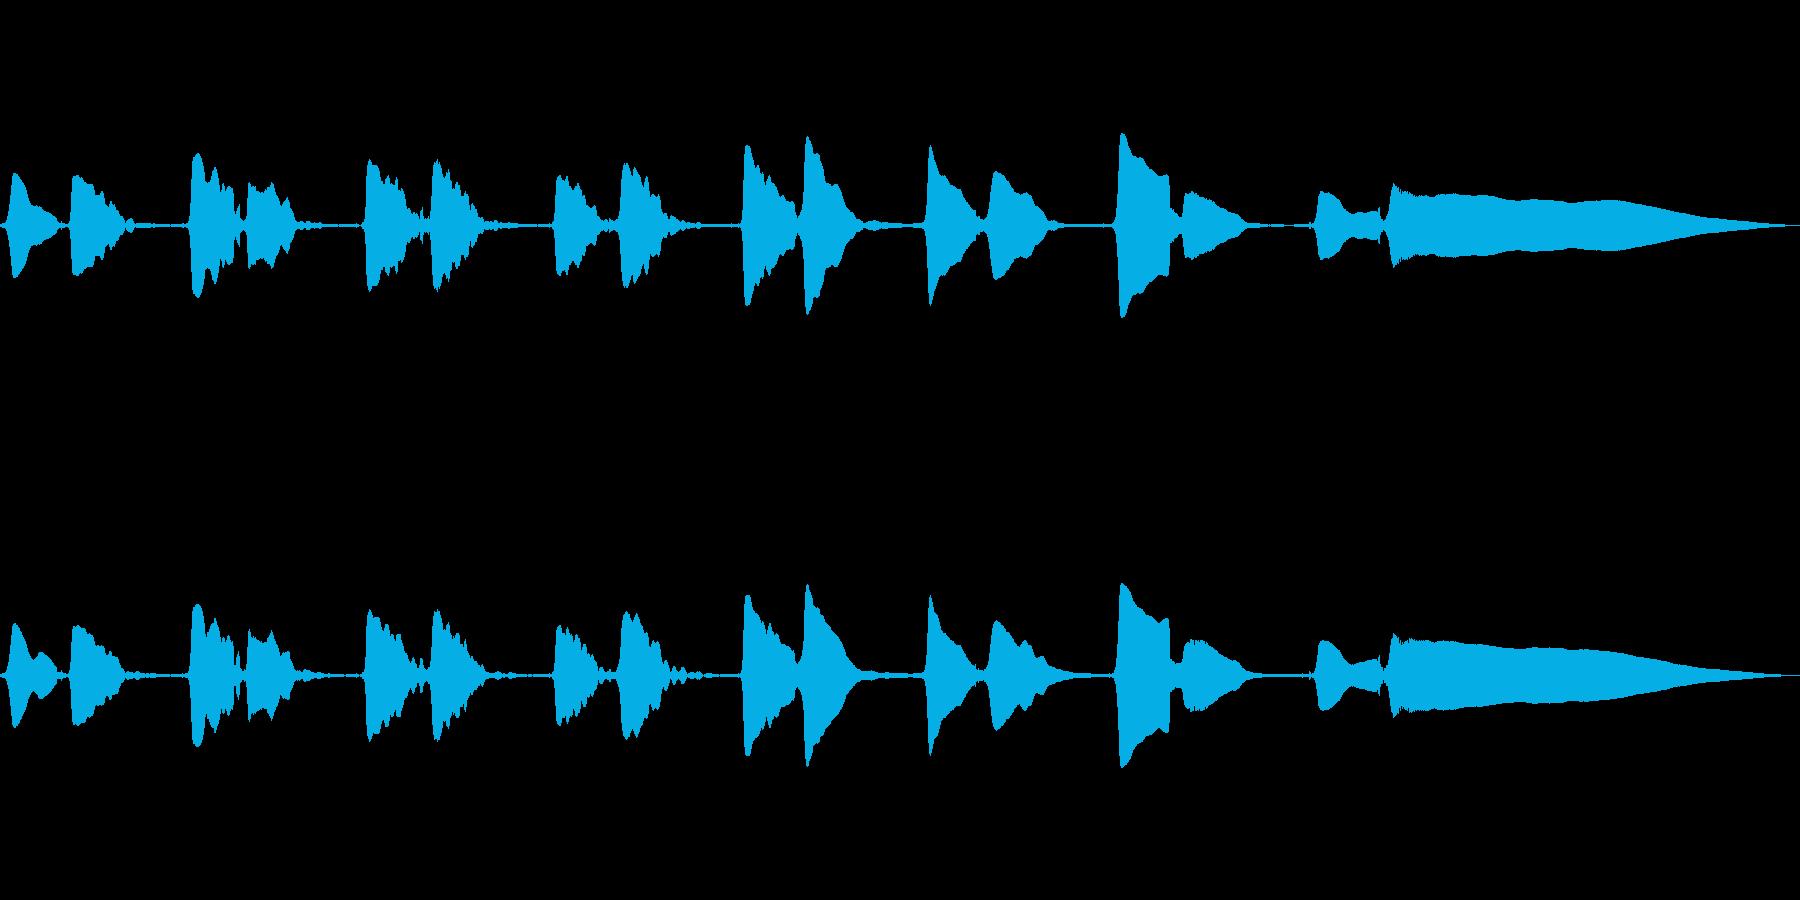 サックスソロの曲です。の再生済みの波形